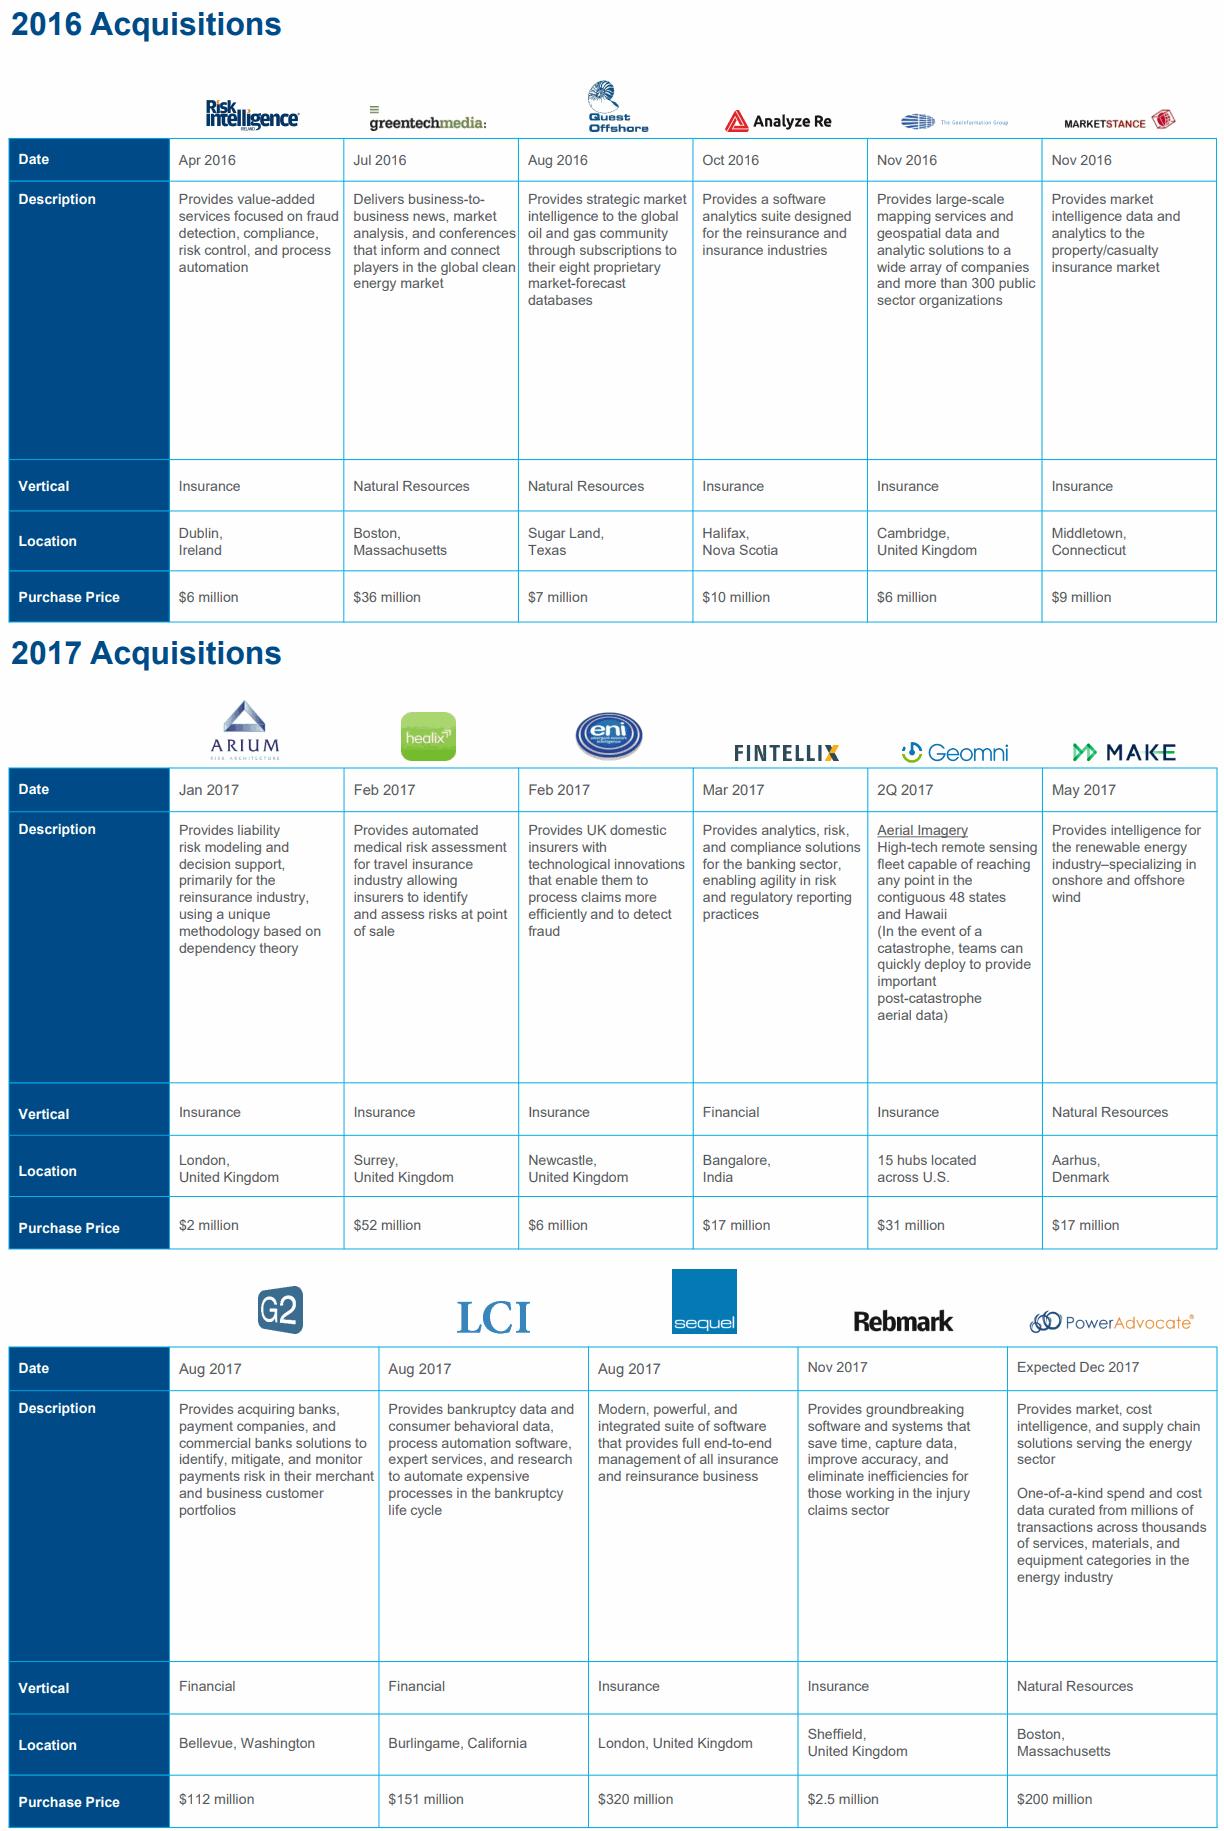 Verisk-Acquisitions-2016-2017